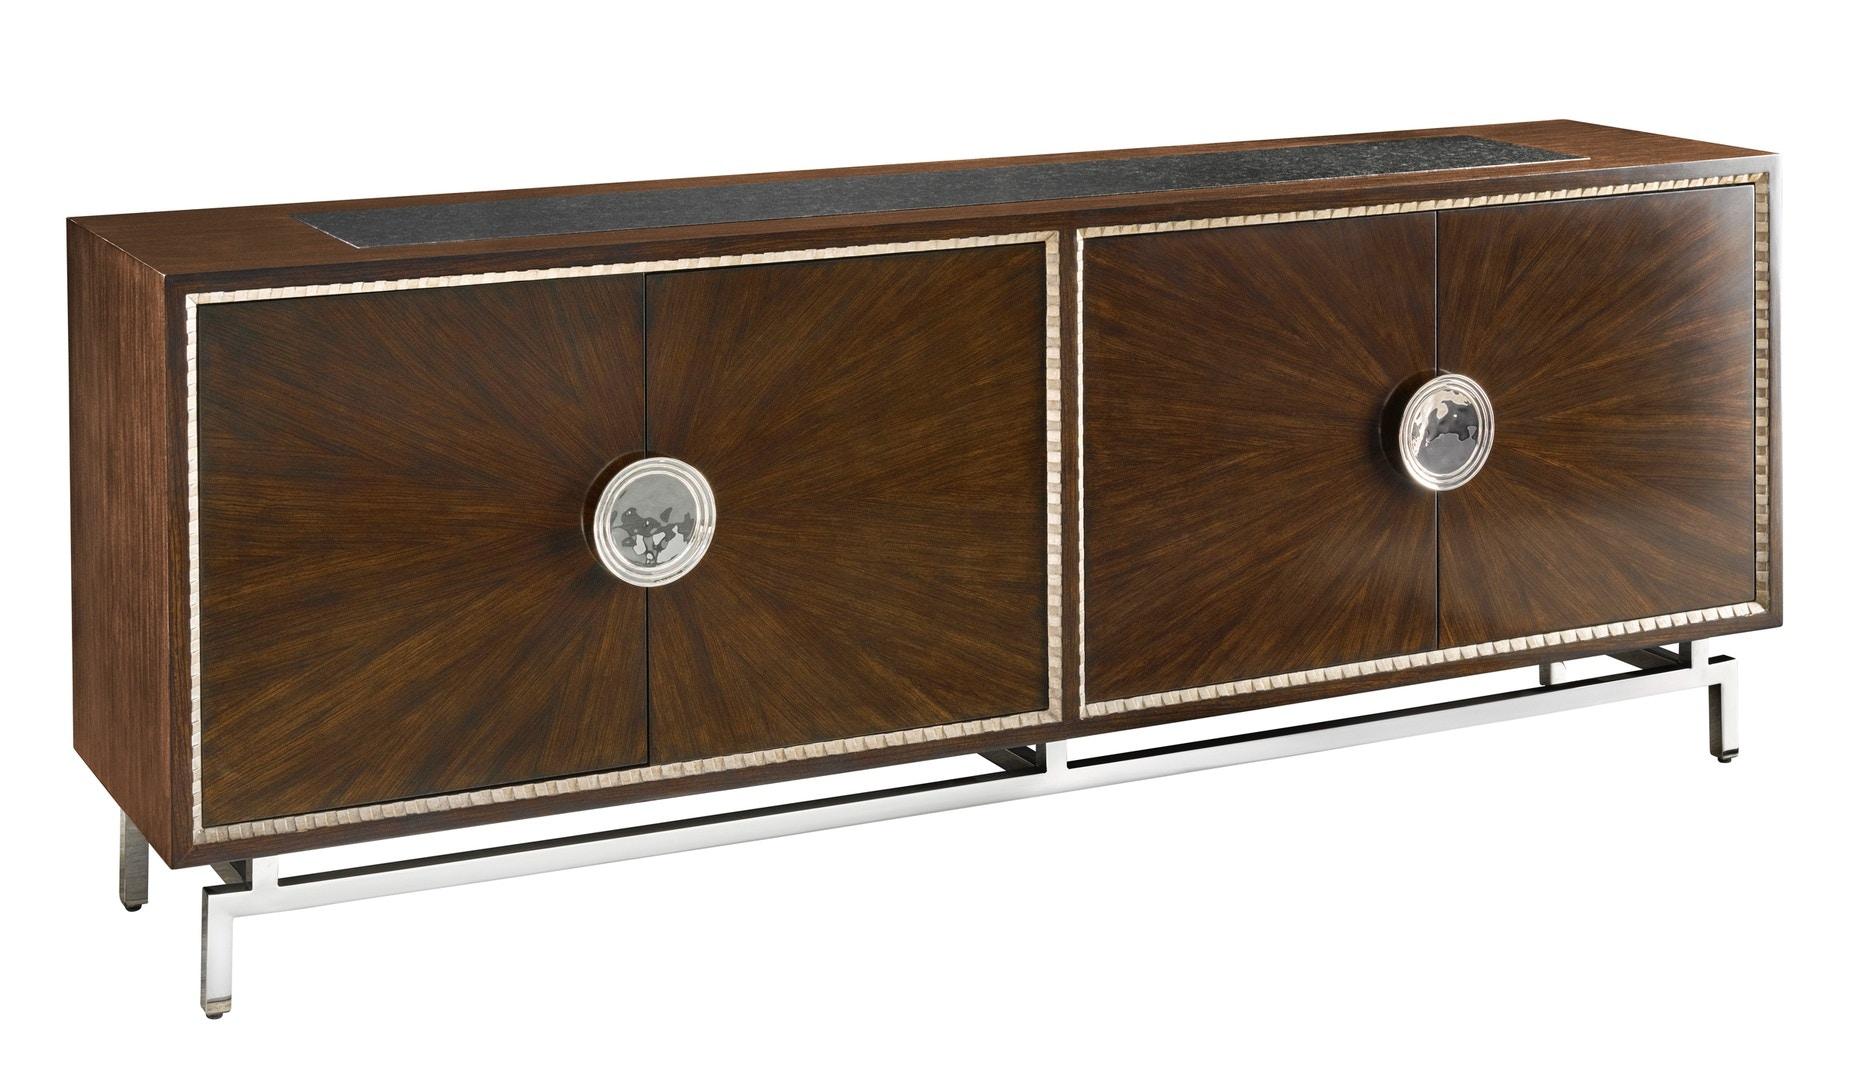 La Credenza Supplier : Marge carson dining room equinox credenza equ noel furniture